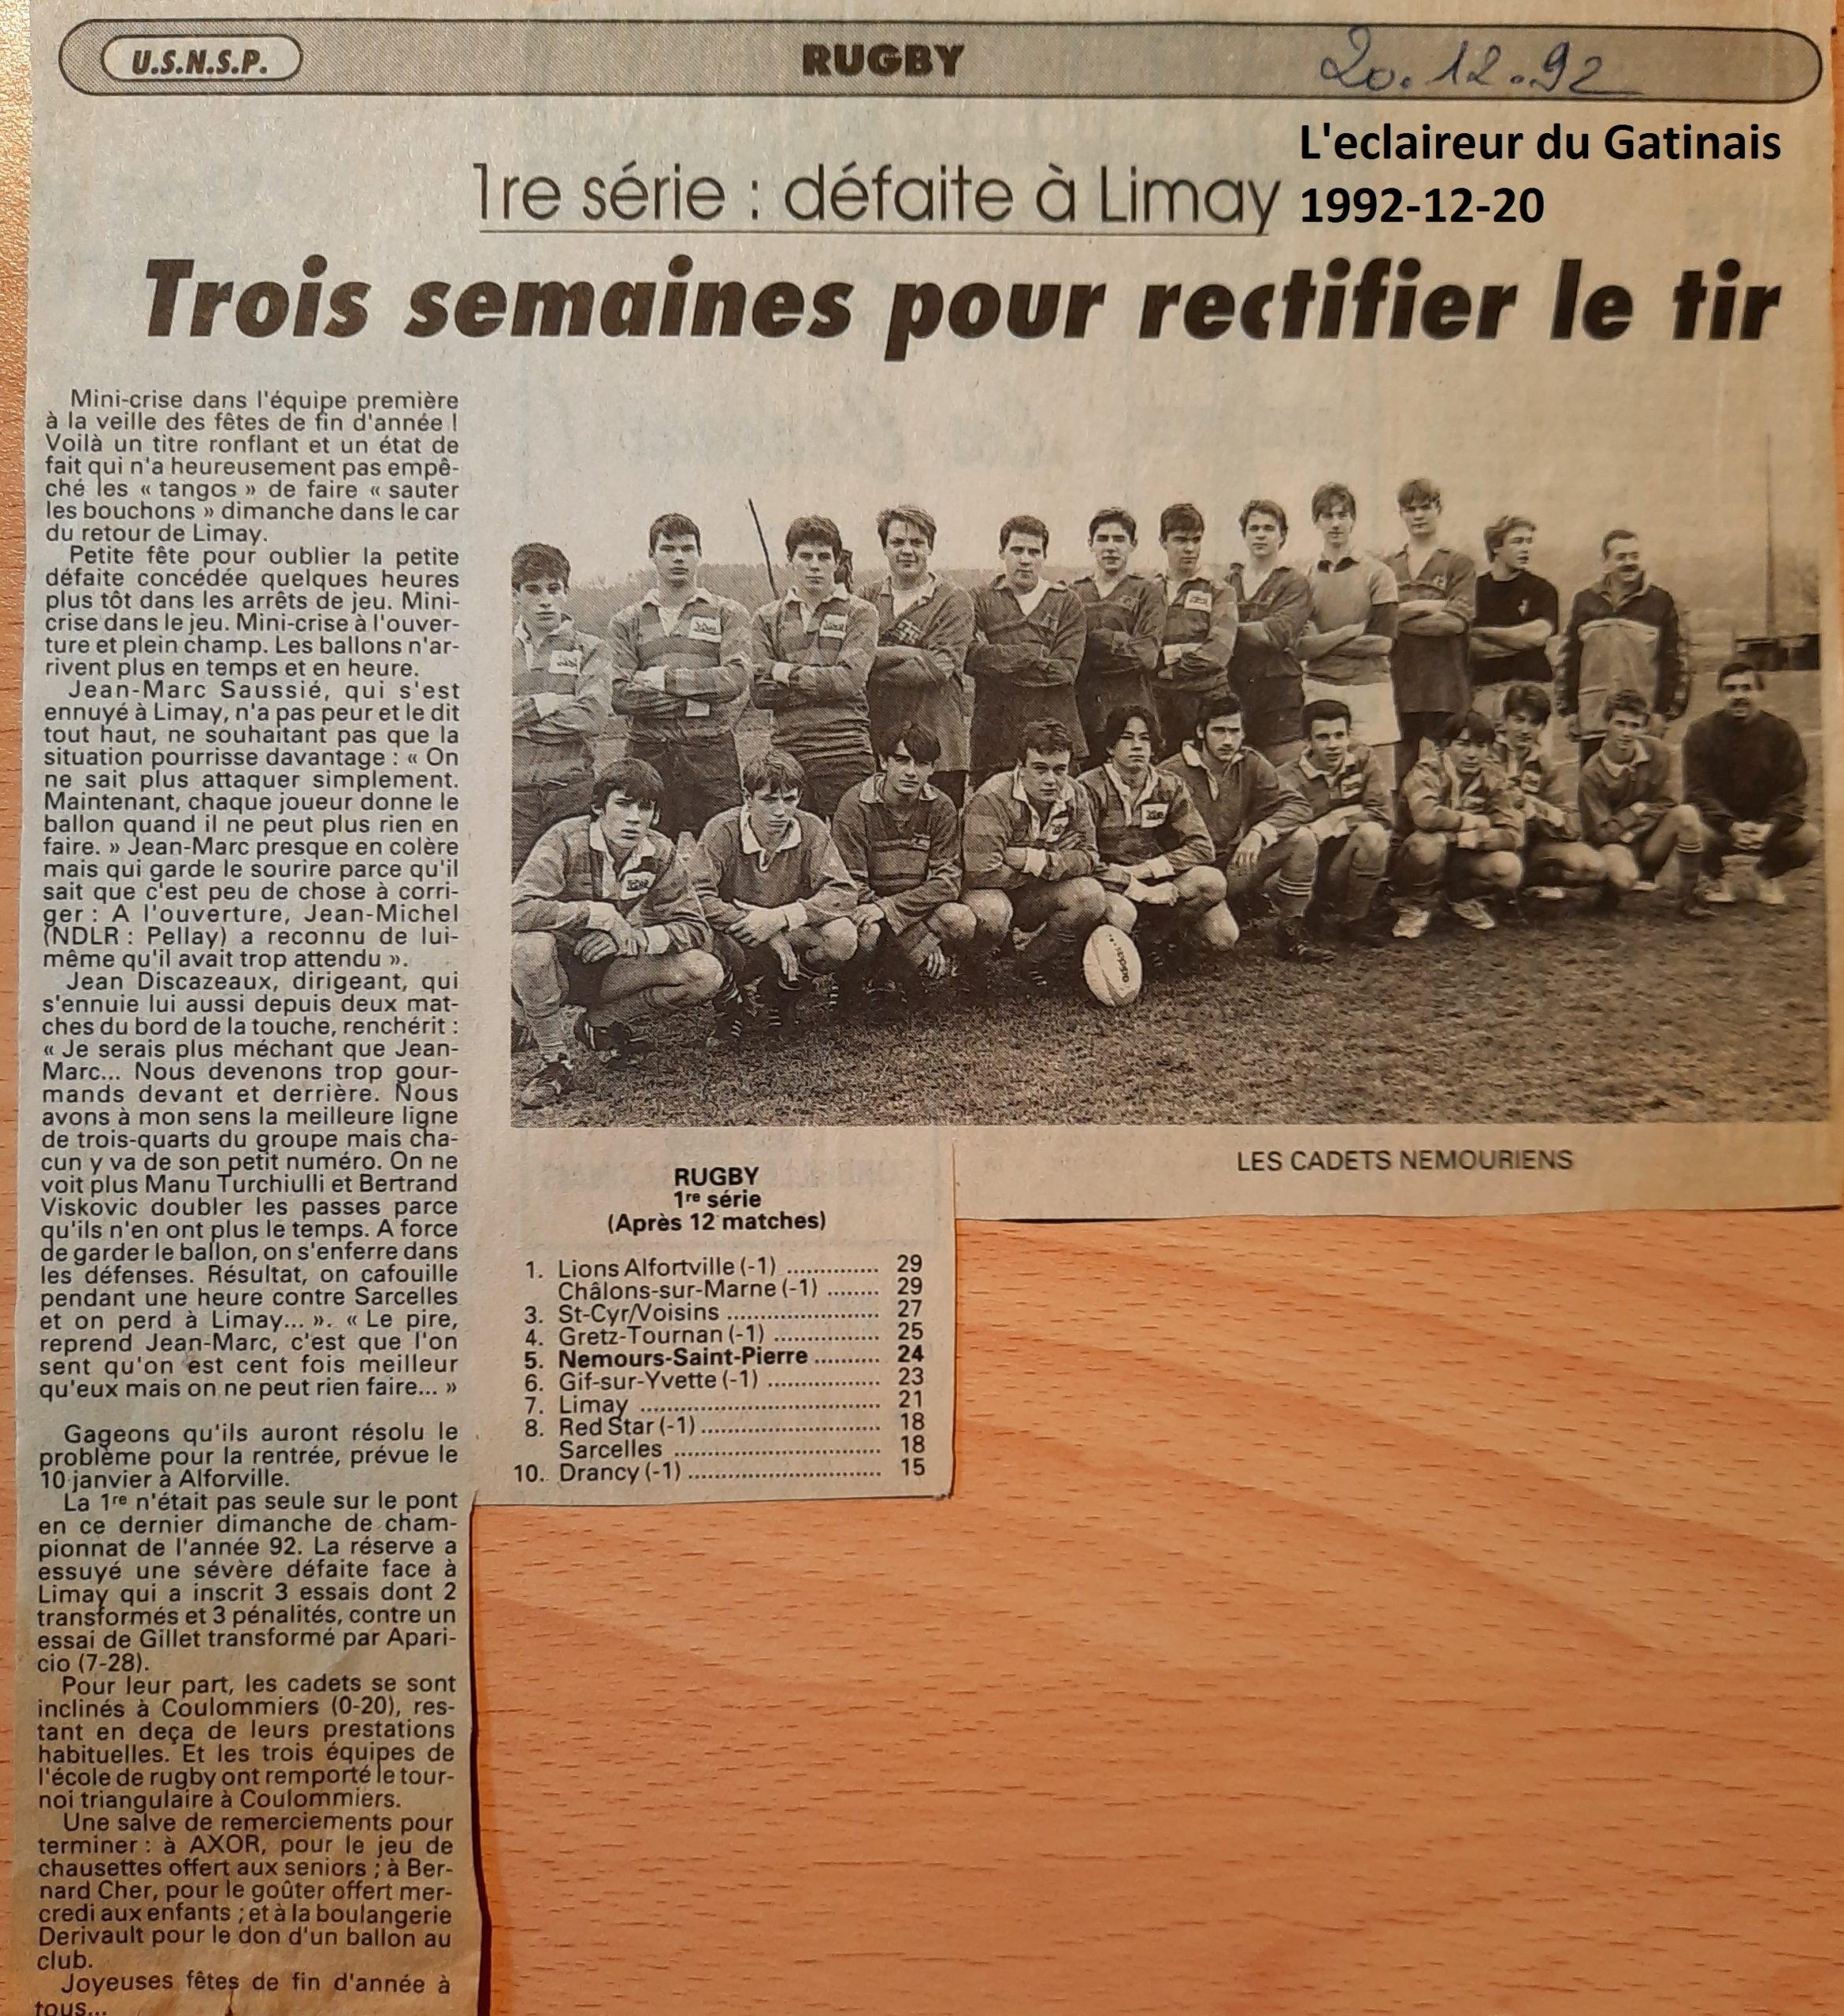 Eclaireur du Gâtinais 1992-12-20